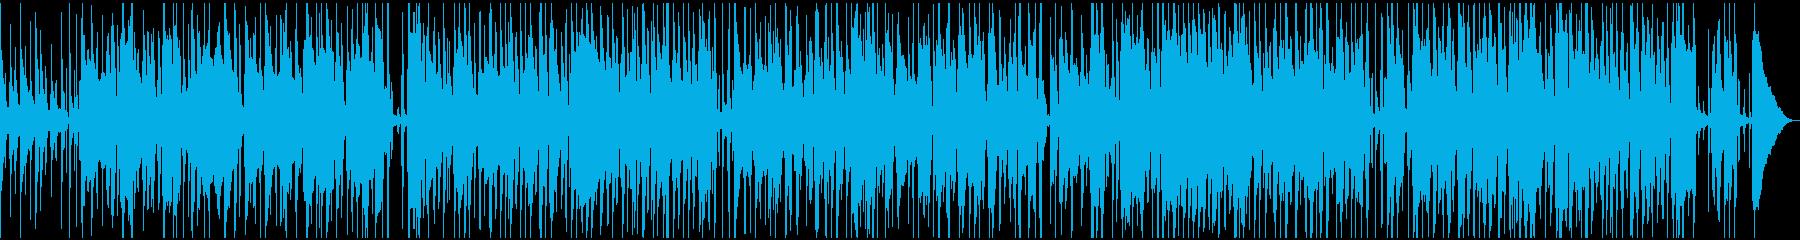 優しくほのぼのと奏でるジャズの再生済みの波形